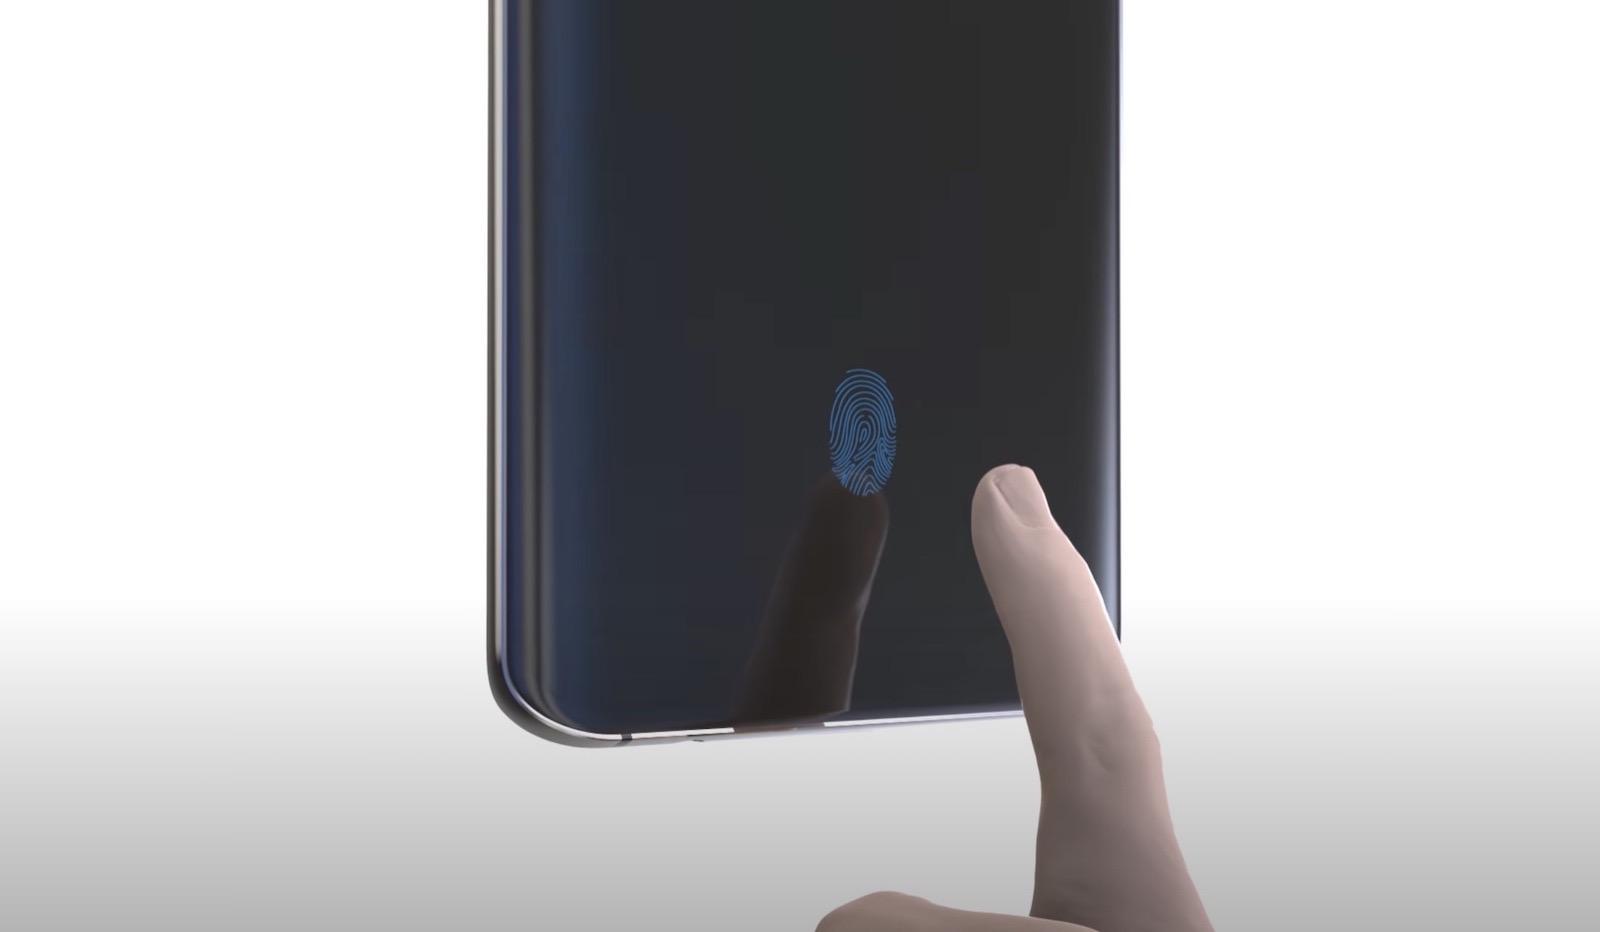 Fingerprint sensor in display qualcomm